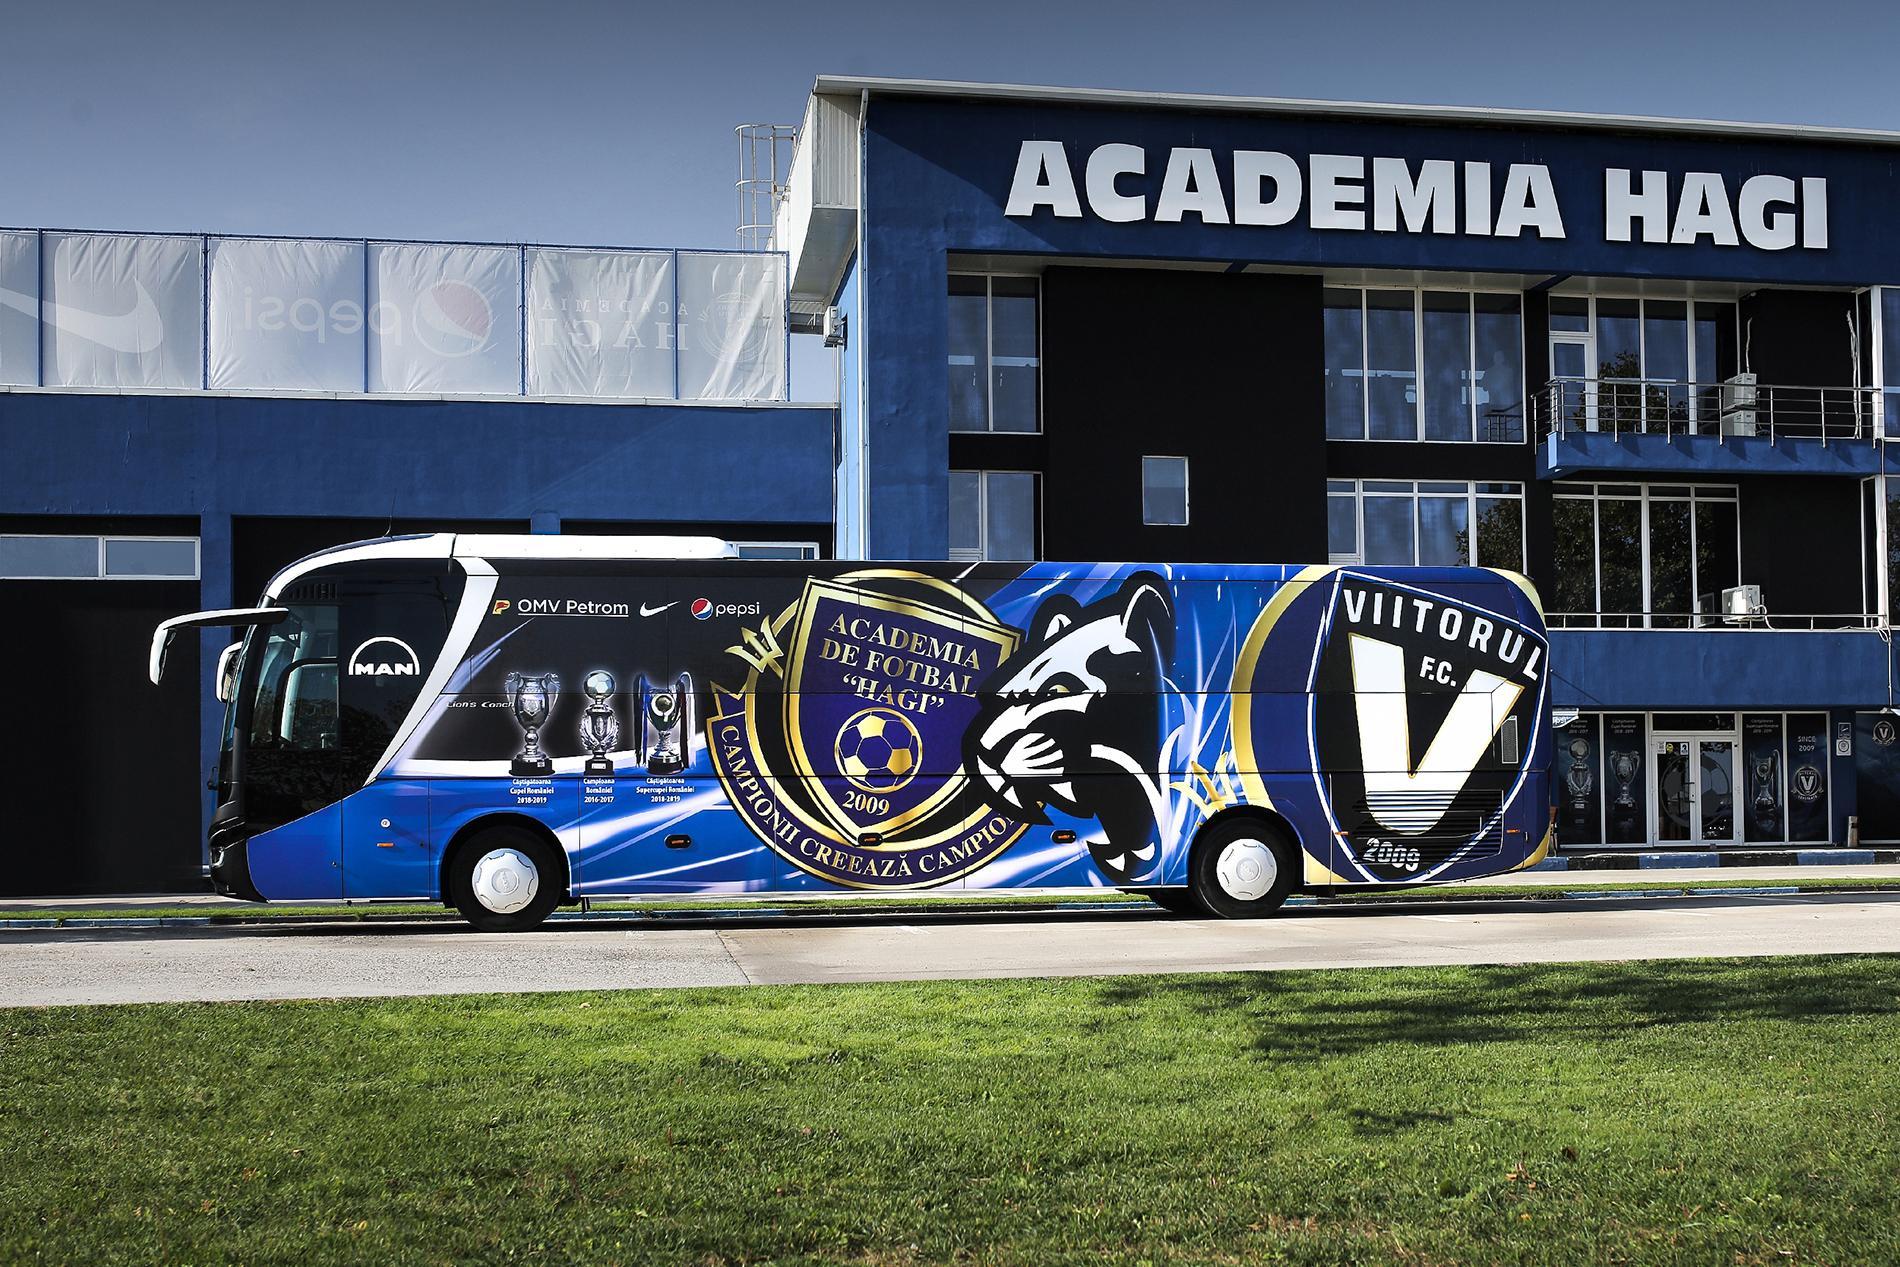 Echipa de fotbal FC Viitorul are un nou autocar MAN Lion's Coach C